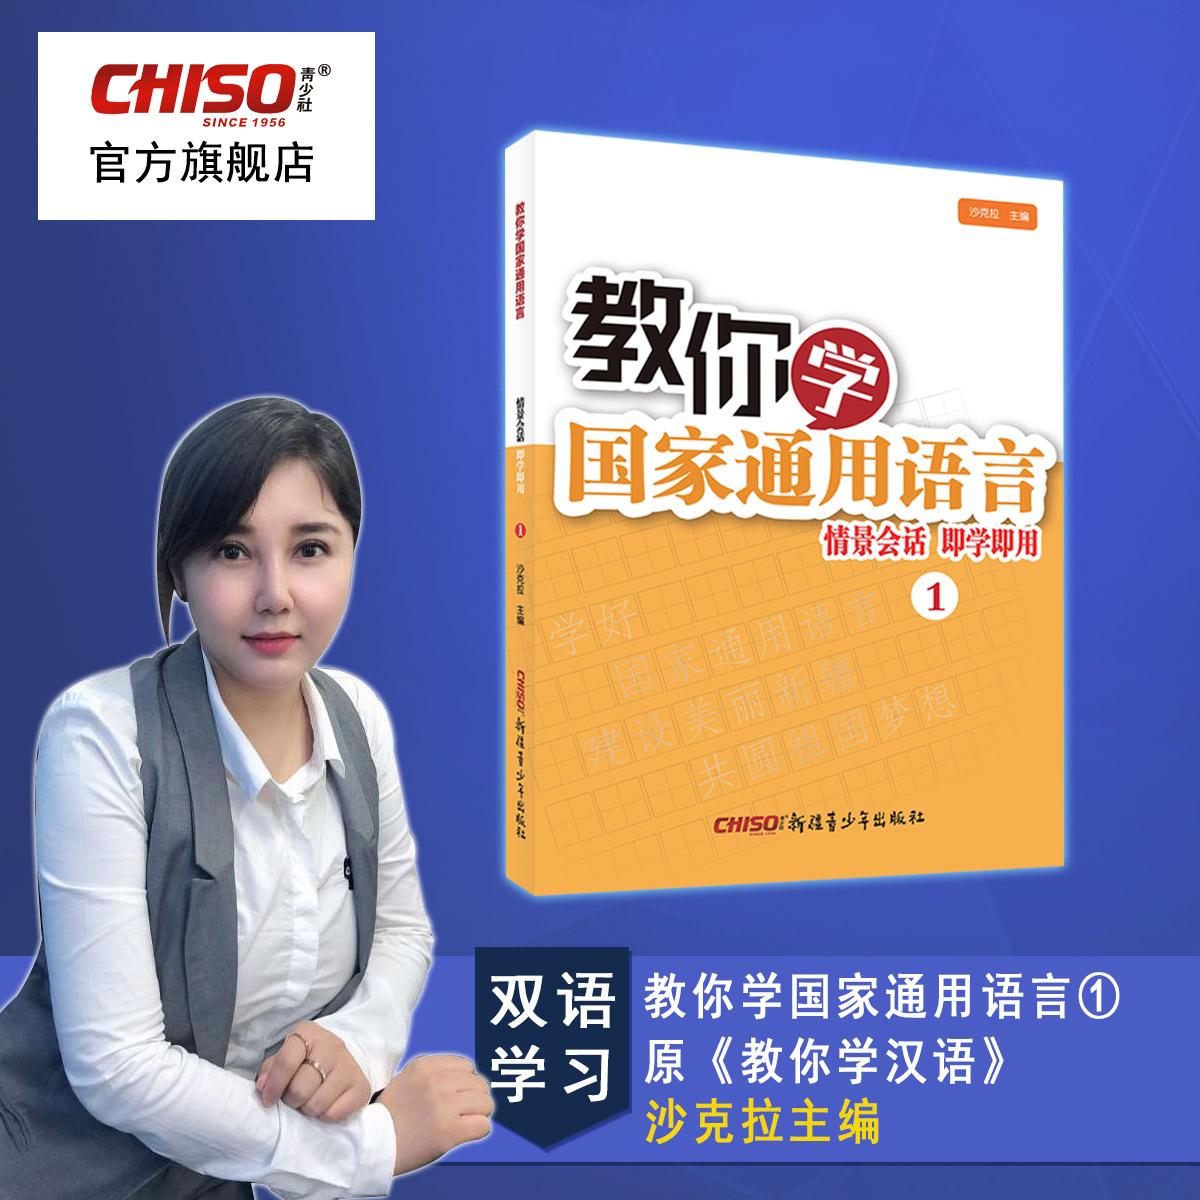 教你学通用语言情景对话即学即用1教你学汉语1维汉双语学习培训教材书籍新疆驻村工作夜校教学手册